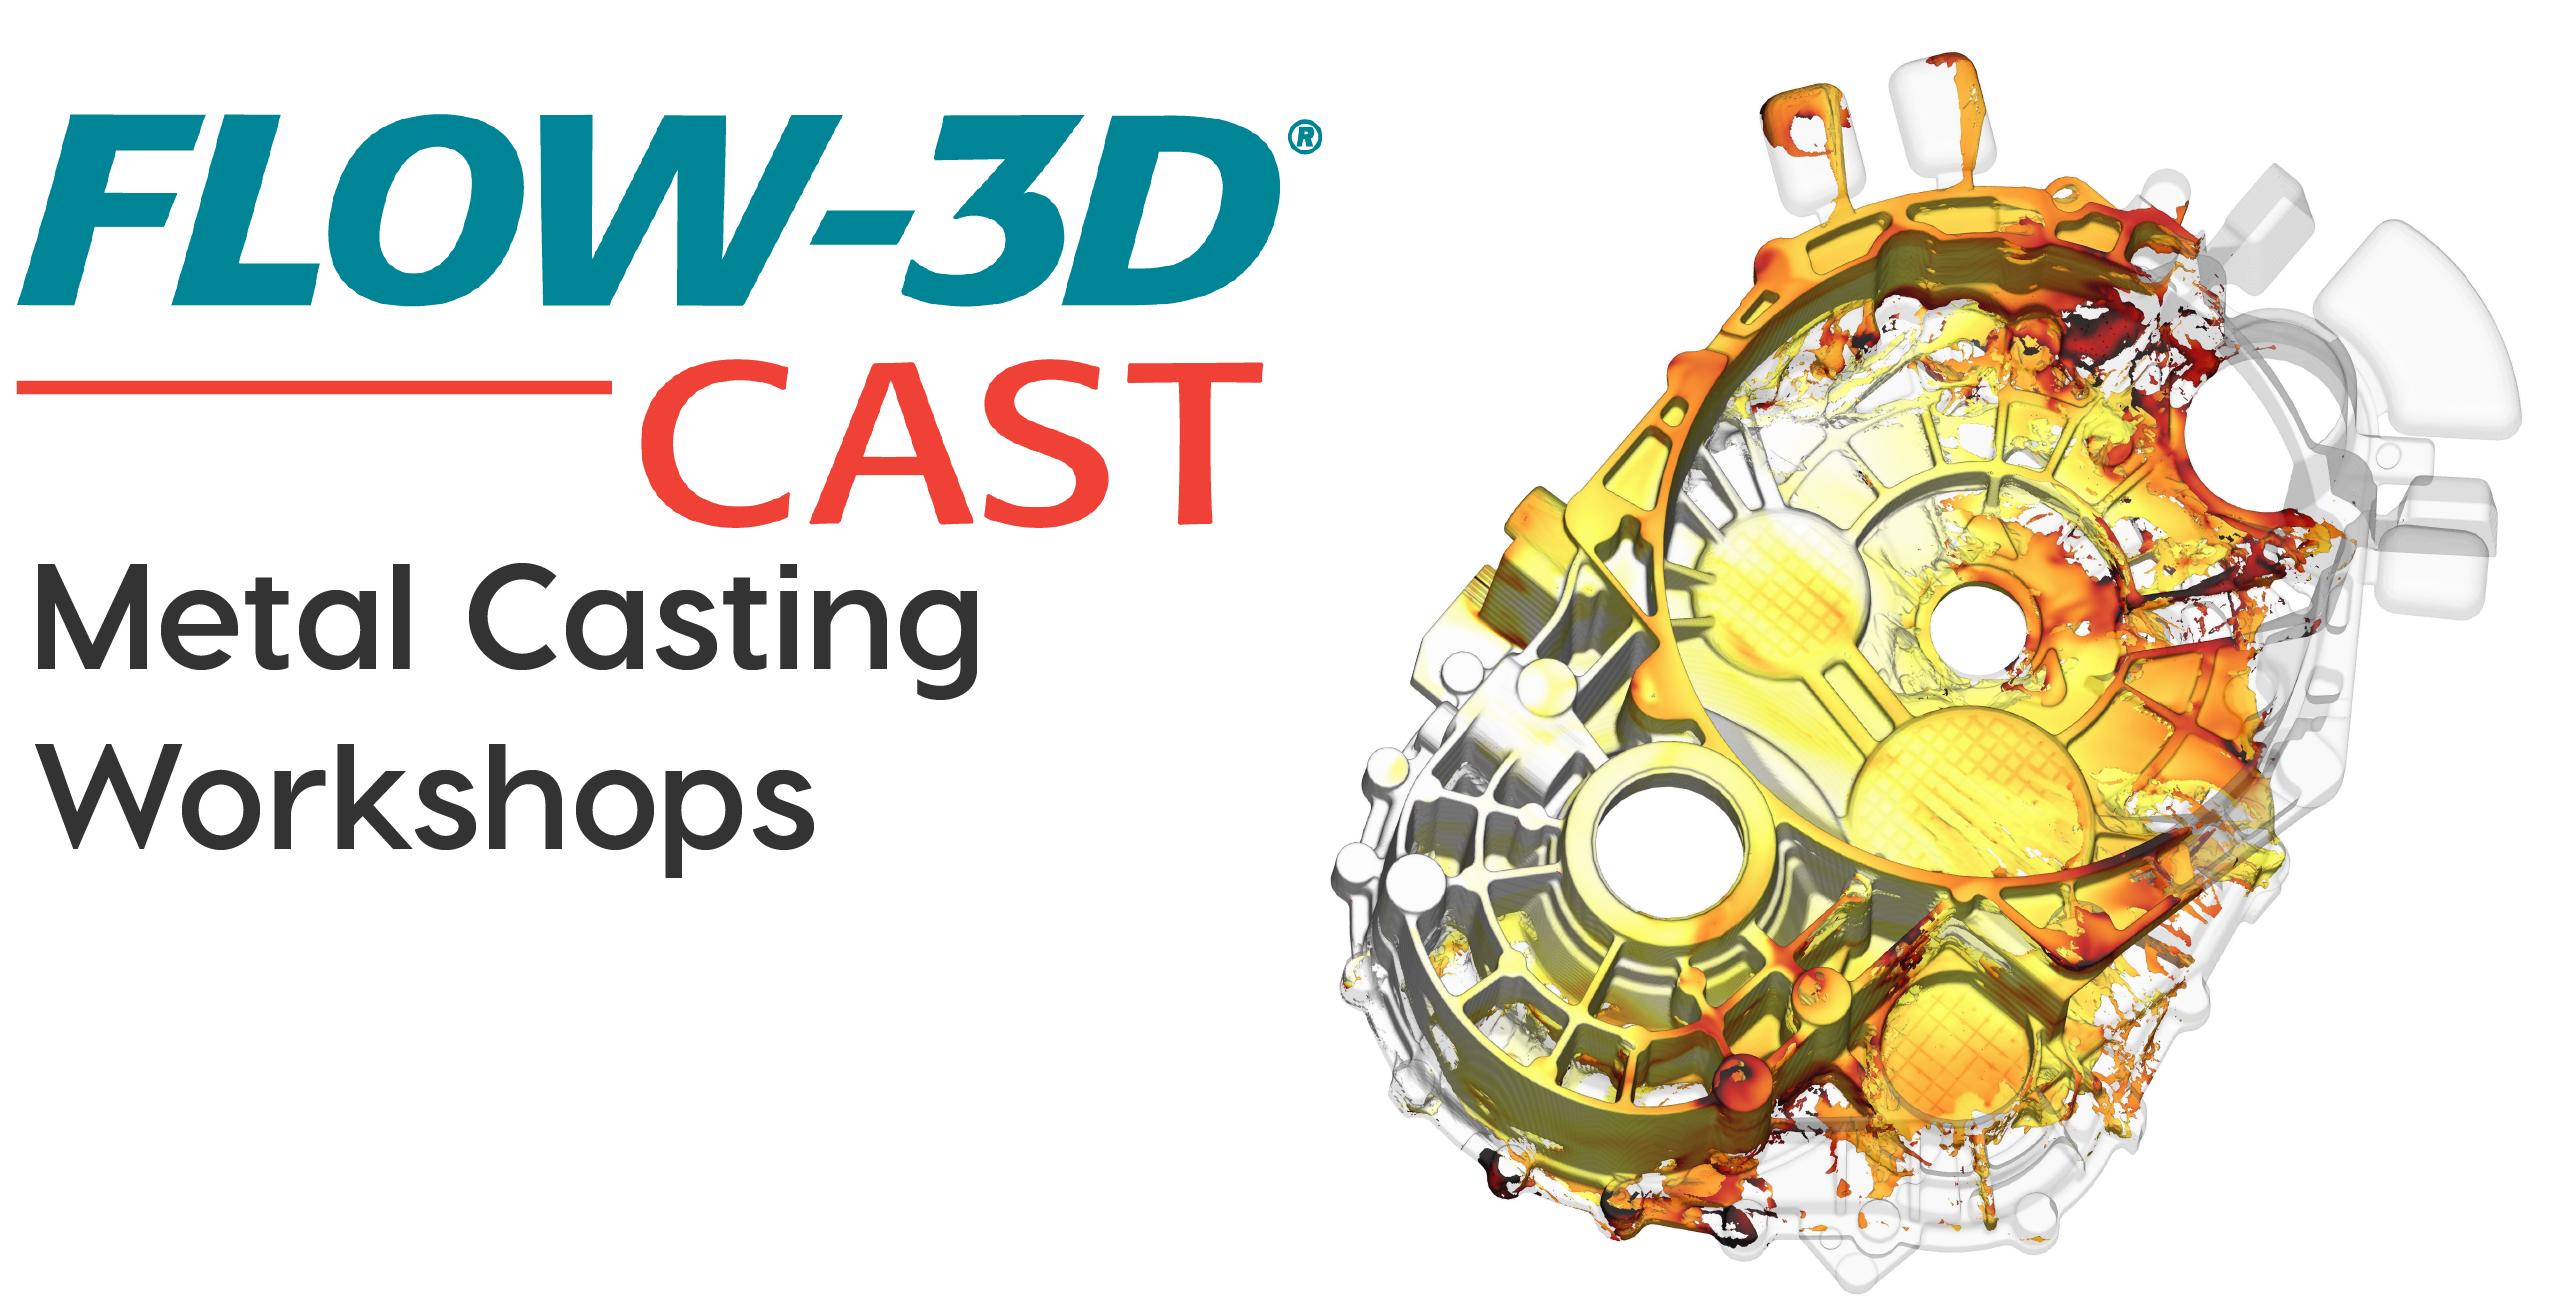 FLOW-3D CAST Workshops